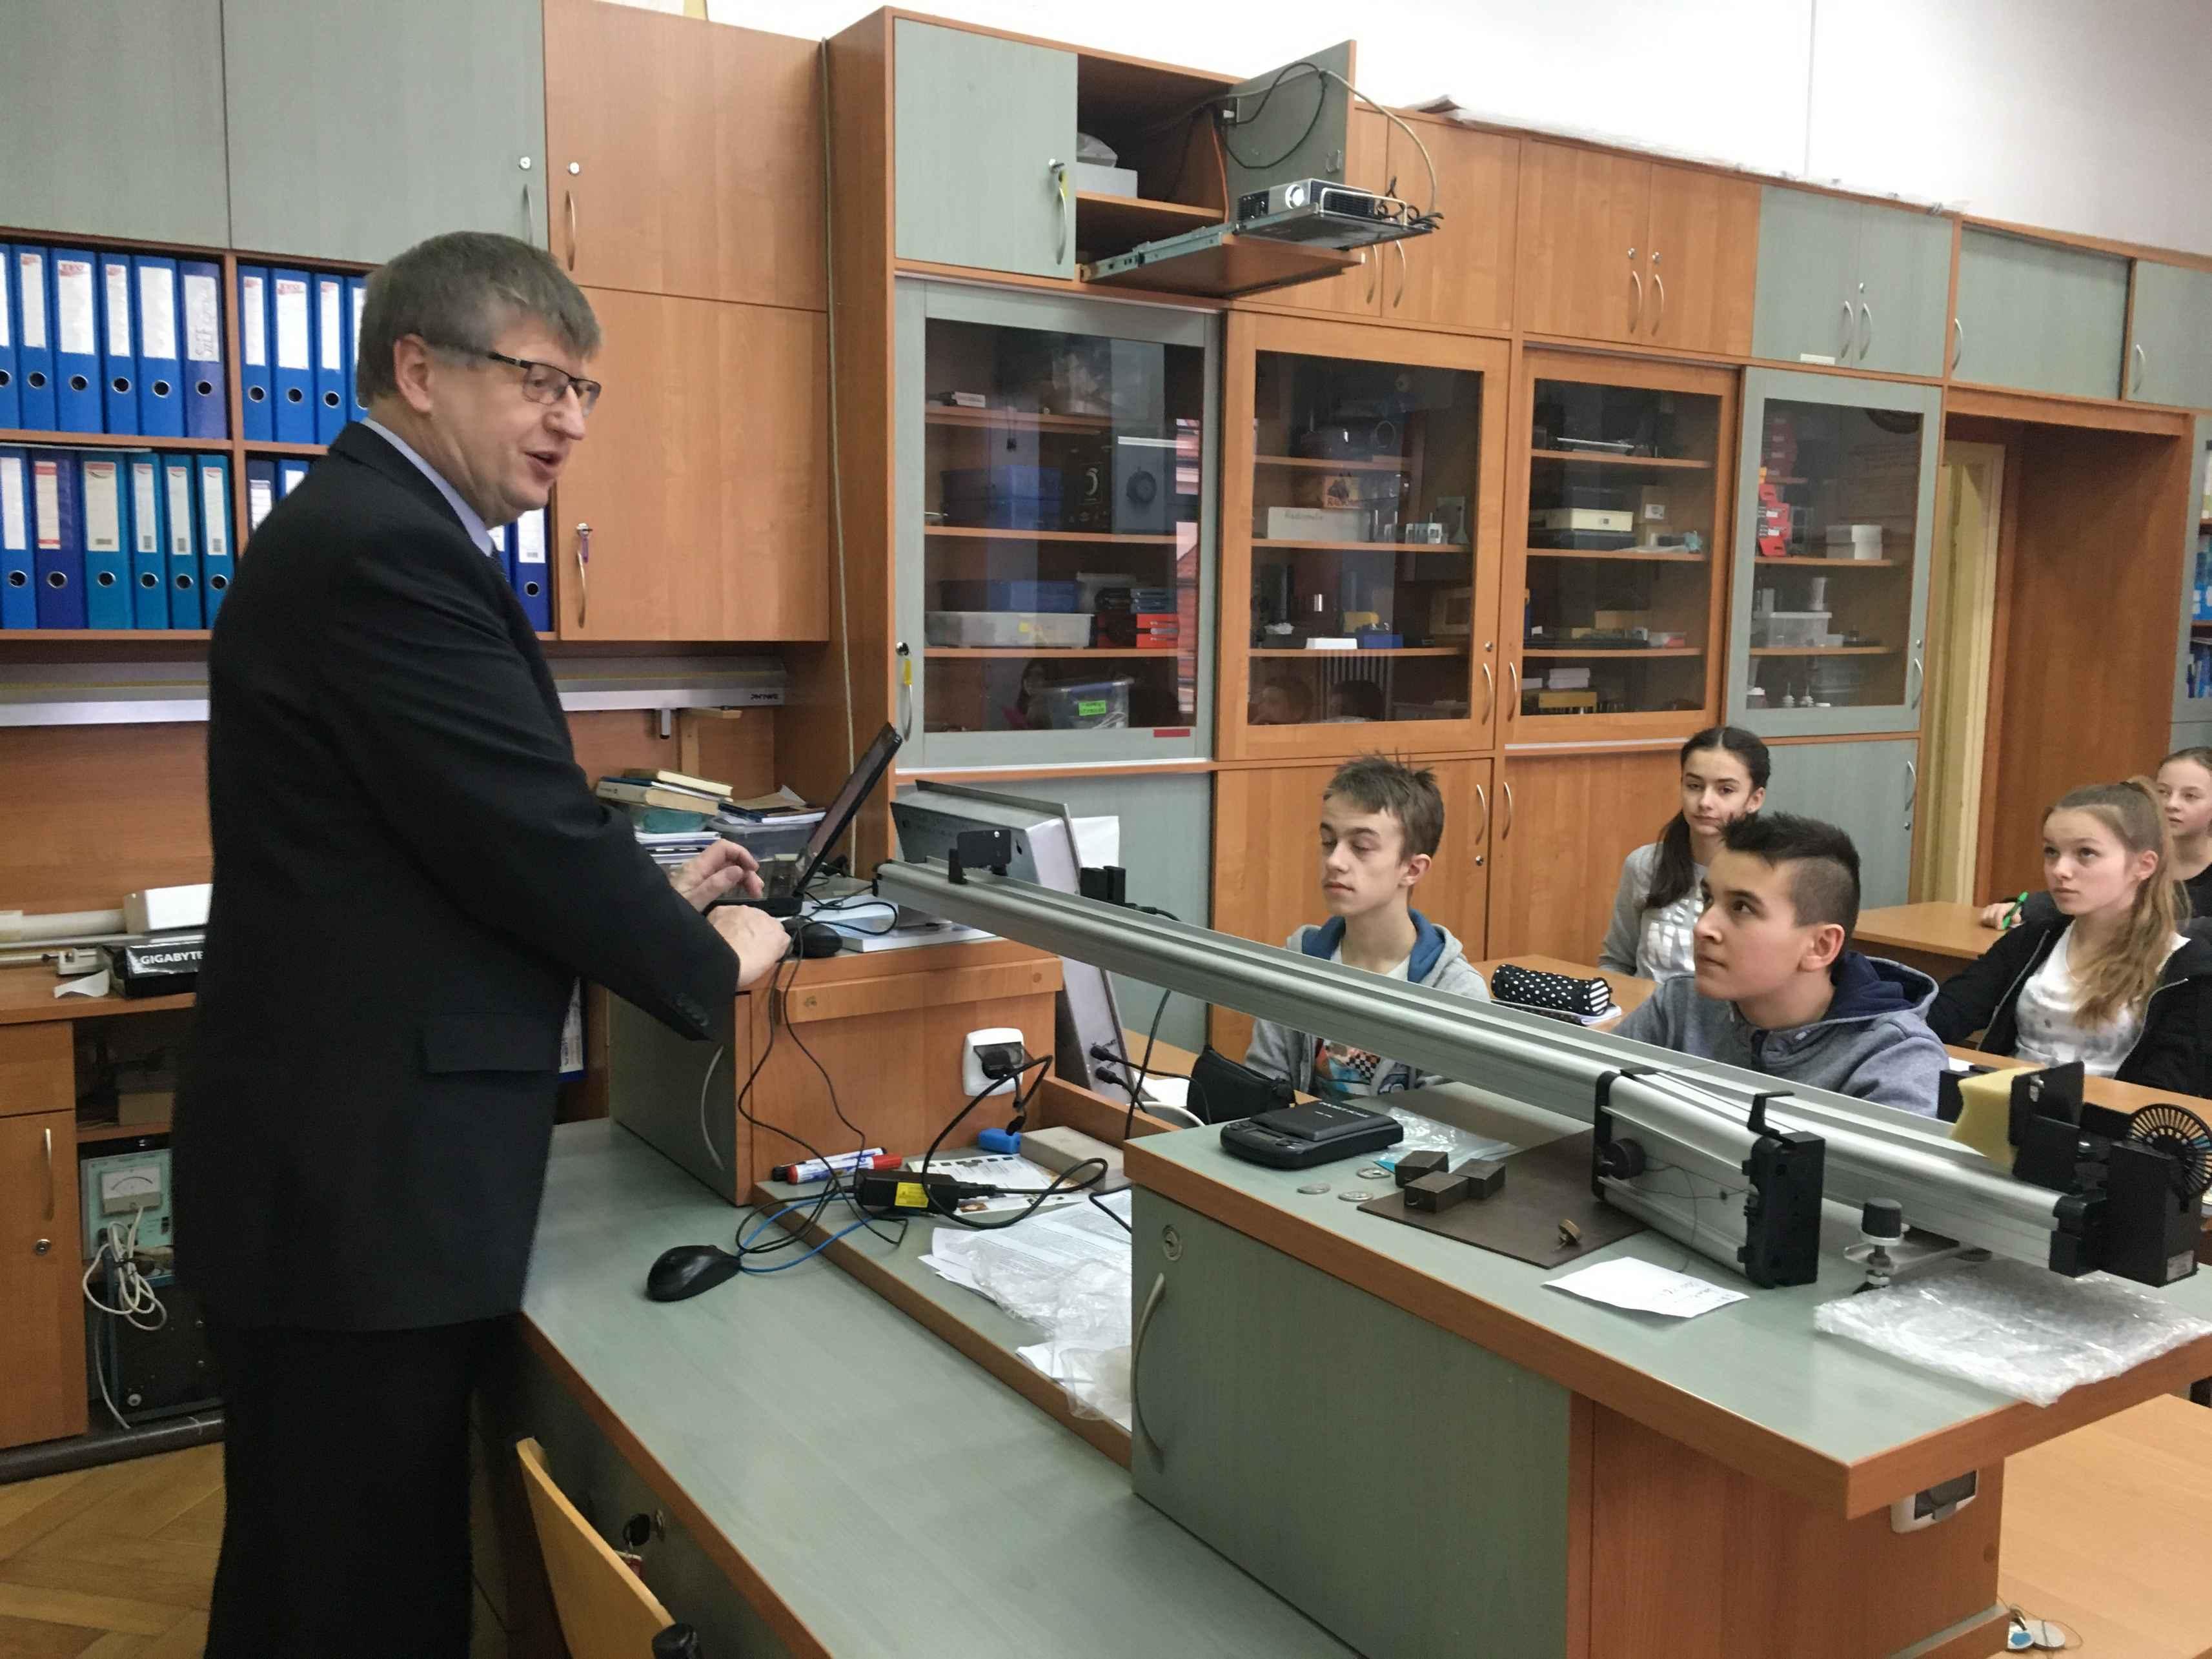 Zajęcia na Uniwersytecie Szczecińskim